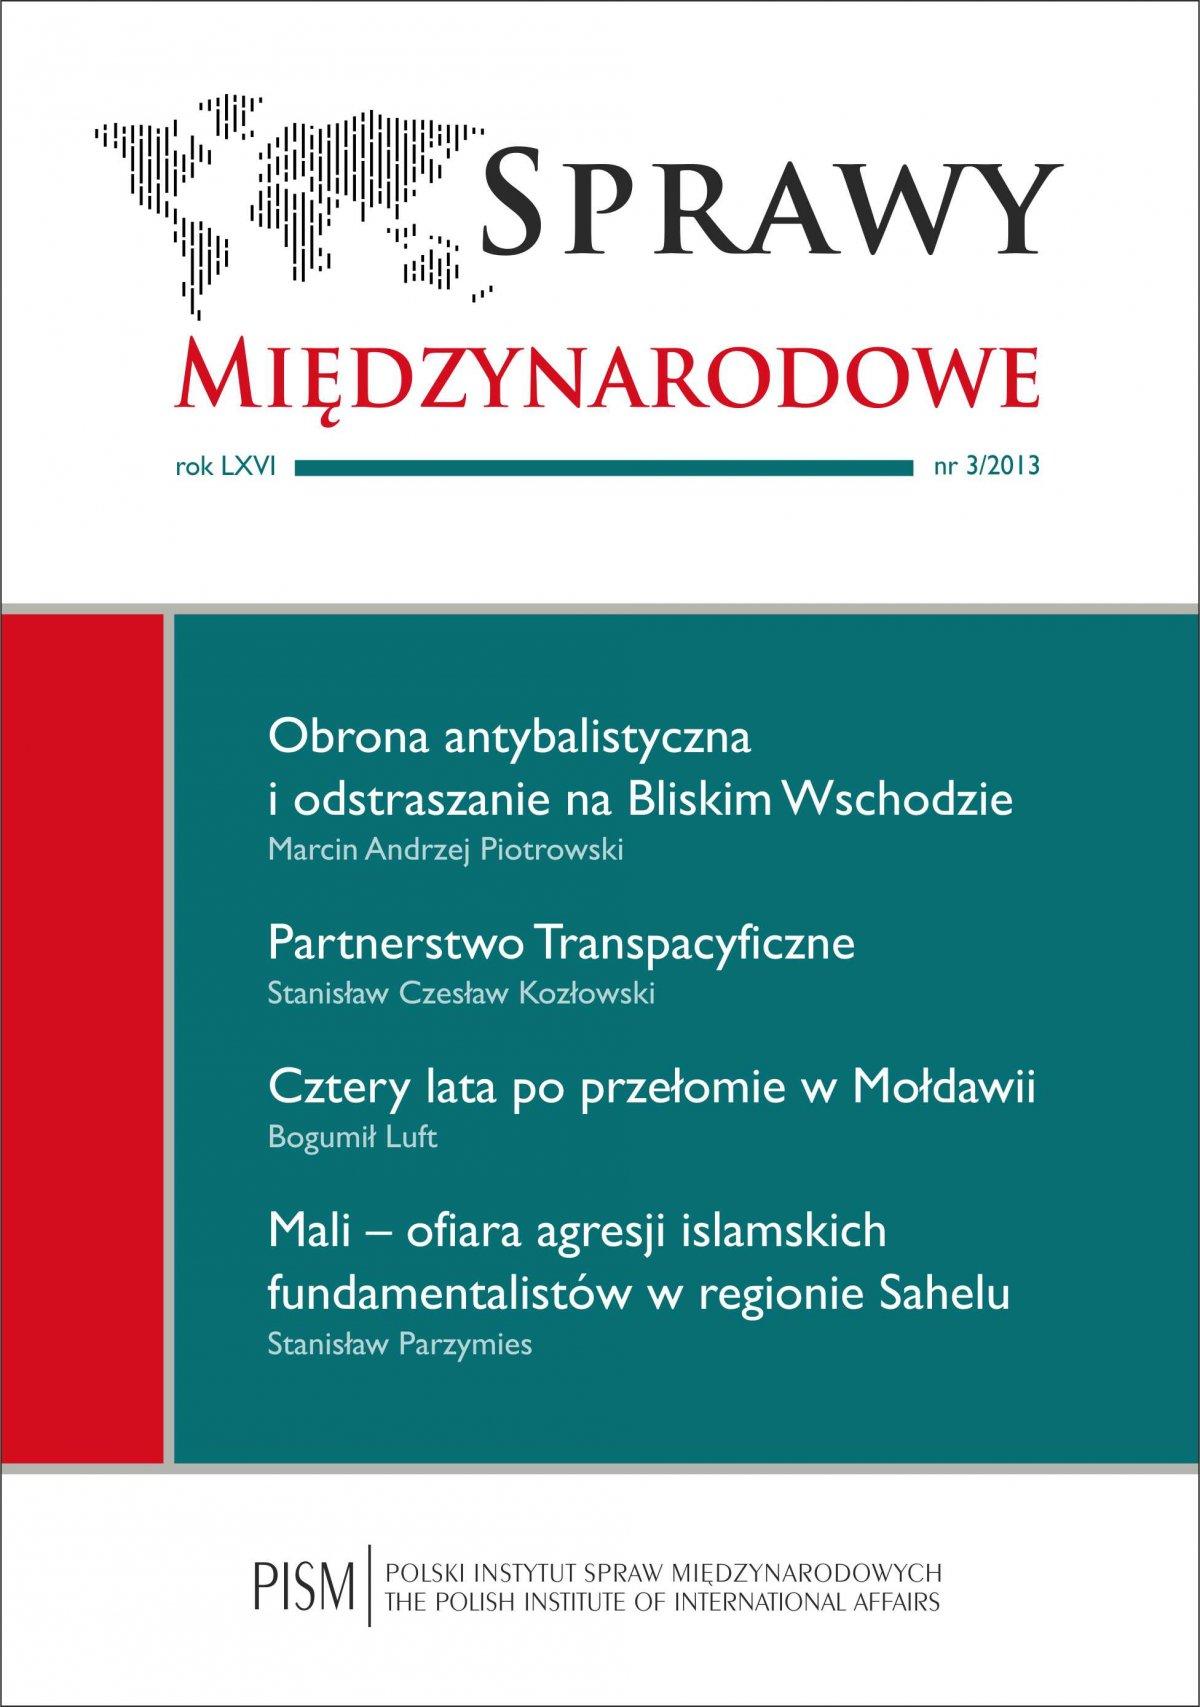 Sprawy Międzynarodowe 3/2013 - Ebook (Książka PDF) do pobrania w formacie PDF